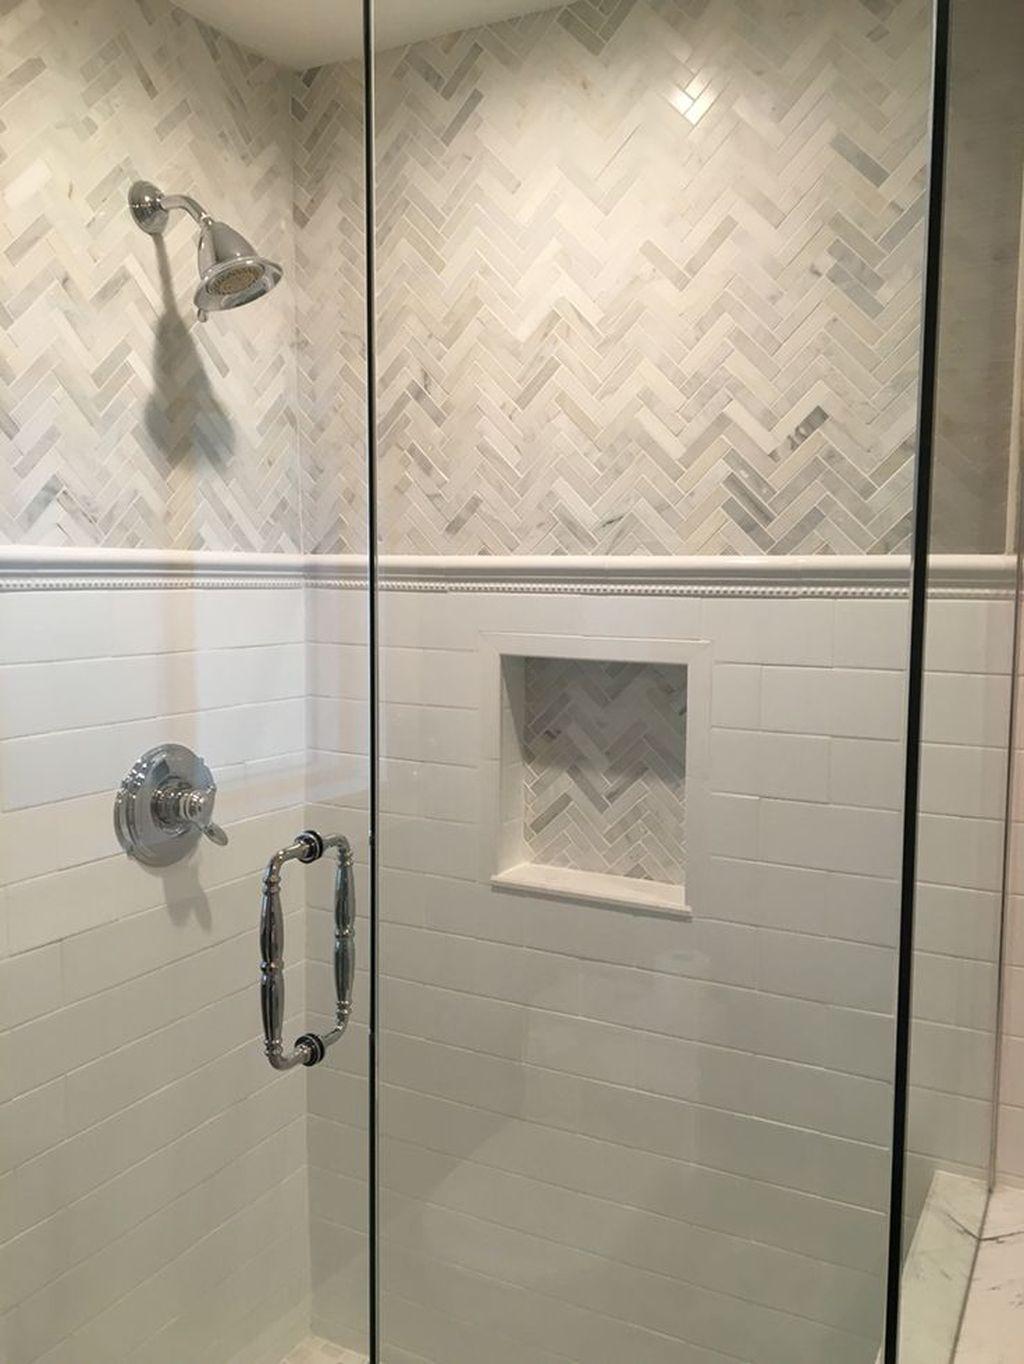 67 Fantastic Minimalist White Bathroom Remodel Ideas   Decoralink.  Badezimmer Renovieren, Duschnische, Dampfduschen ...